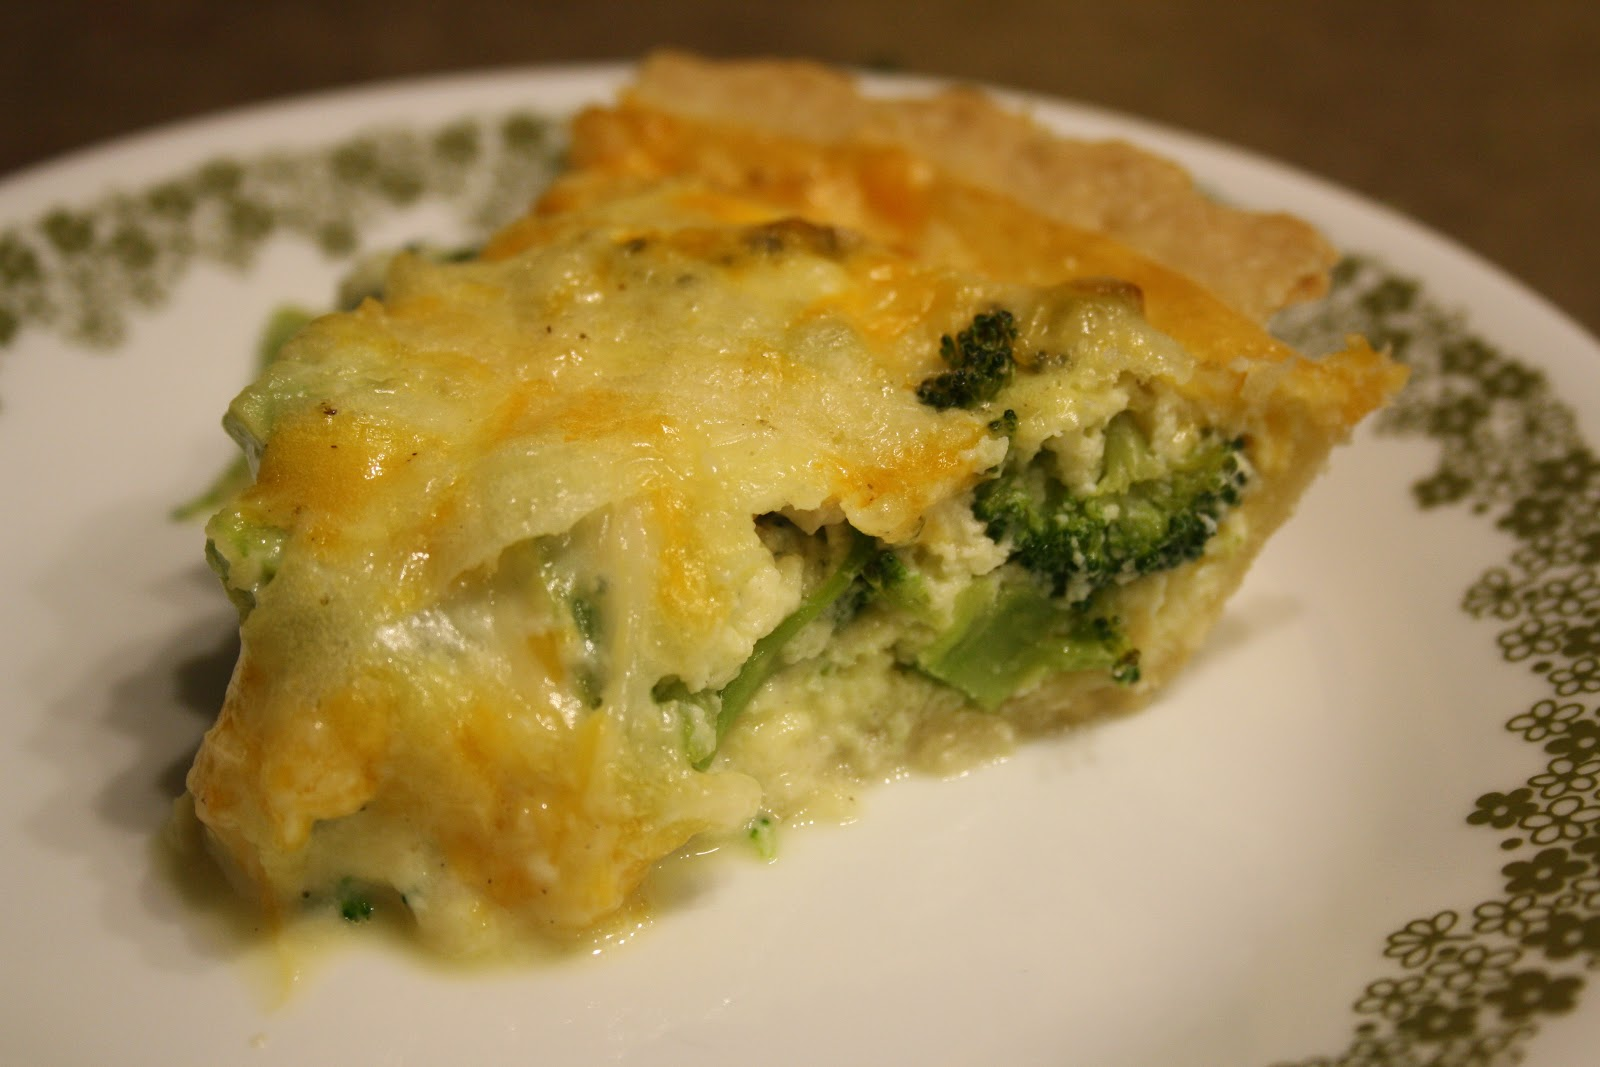 Broccoli-Cheddar Quiche Recipe — Dishmaps